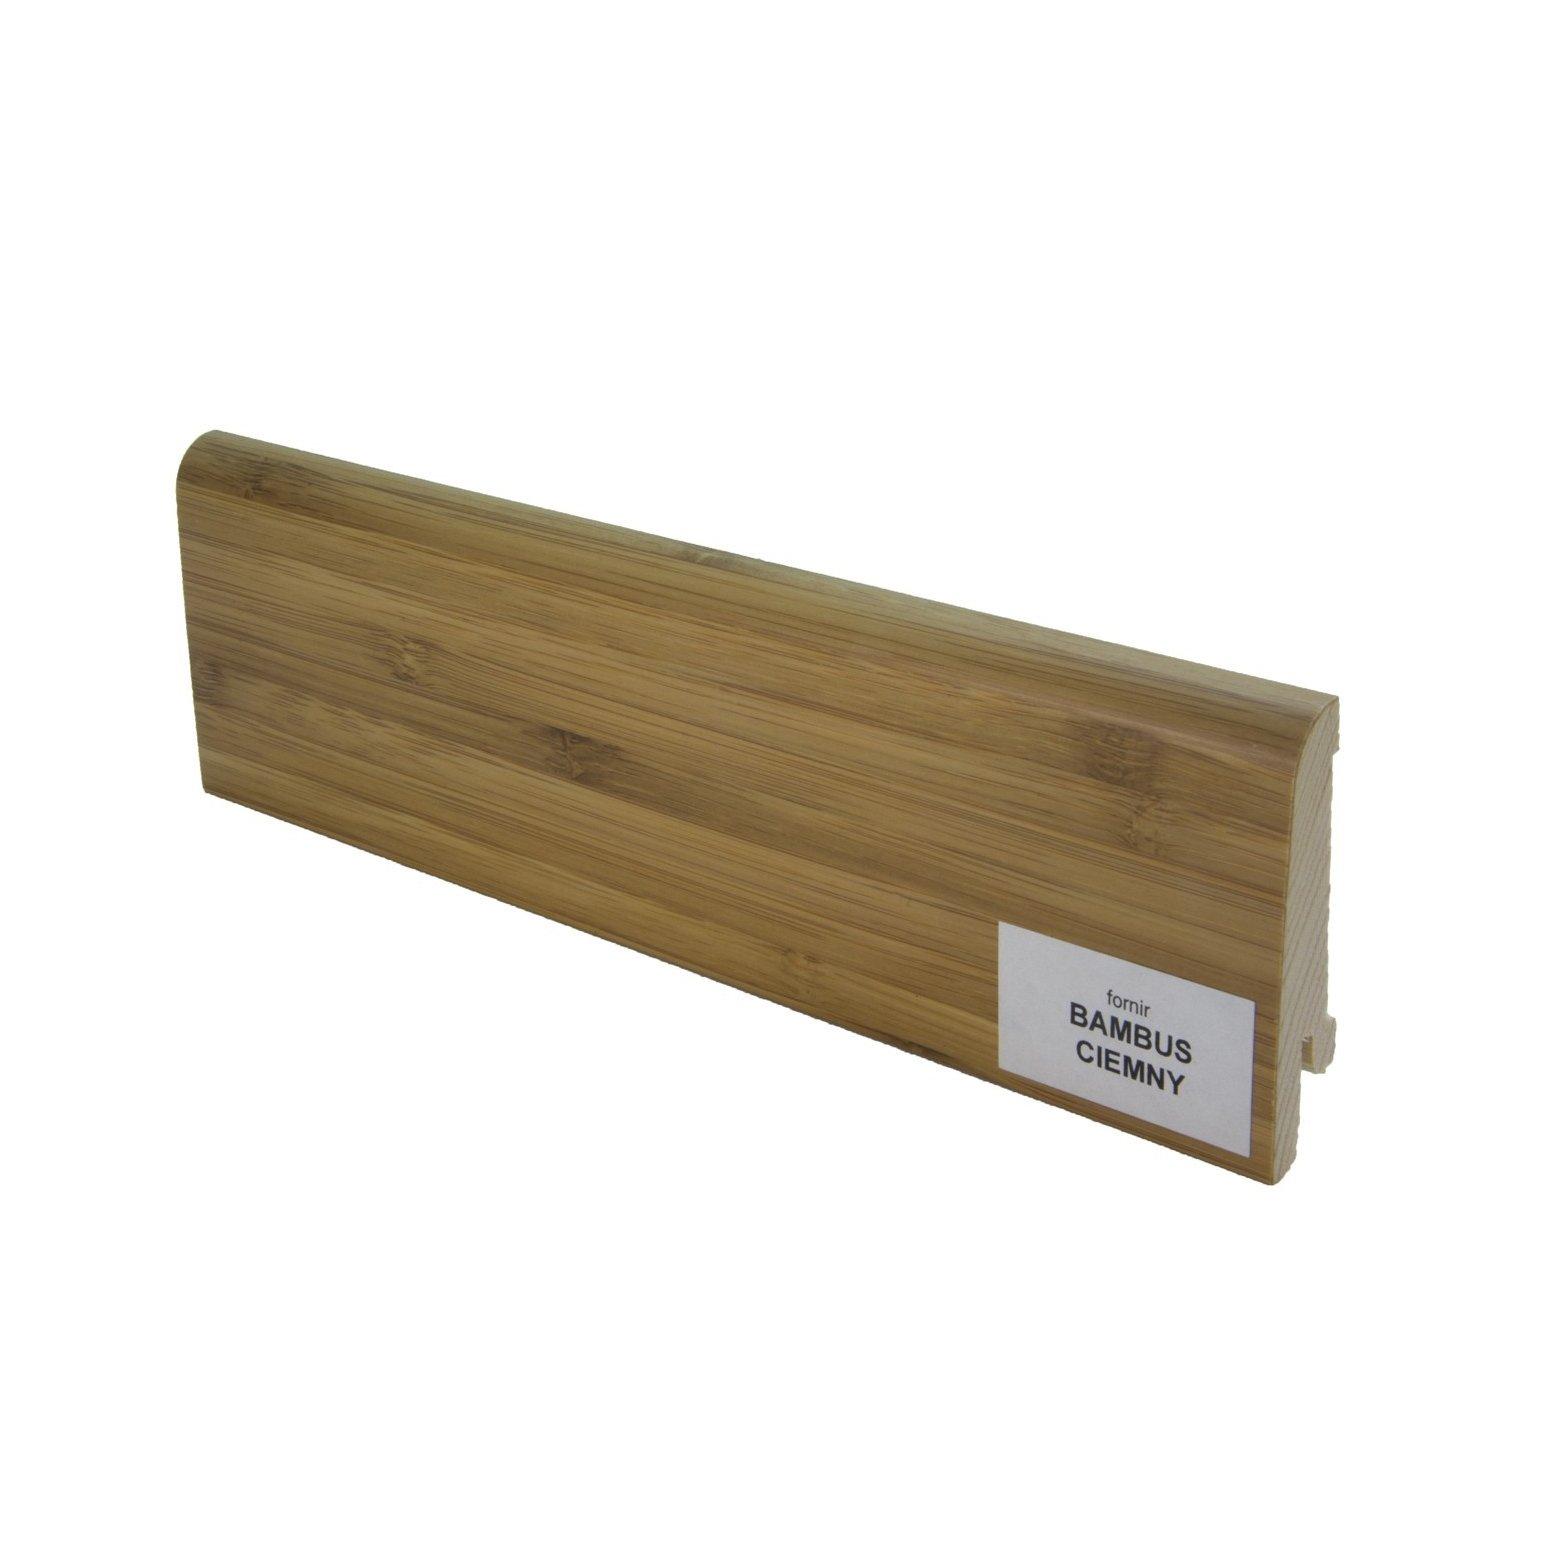 Listwa przypodłogowa drewniana (60/14 mm) BAMBUS  CIEMNY Pedross - 1